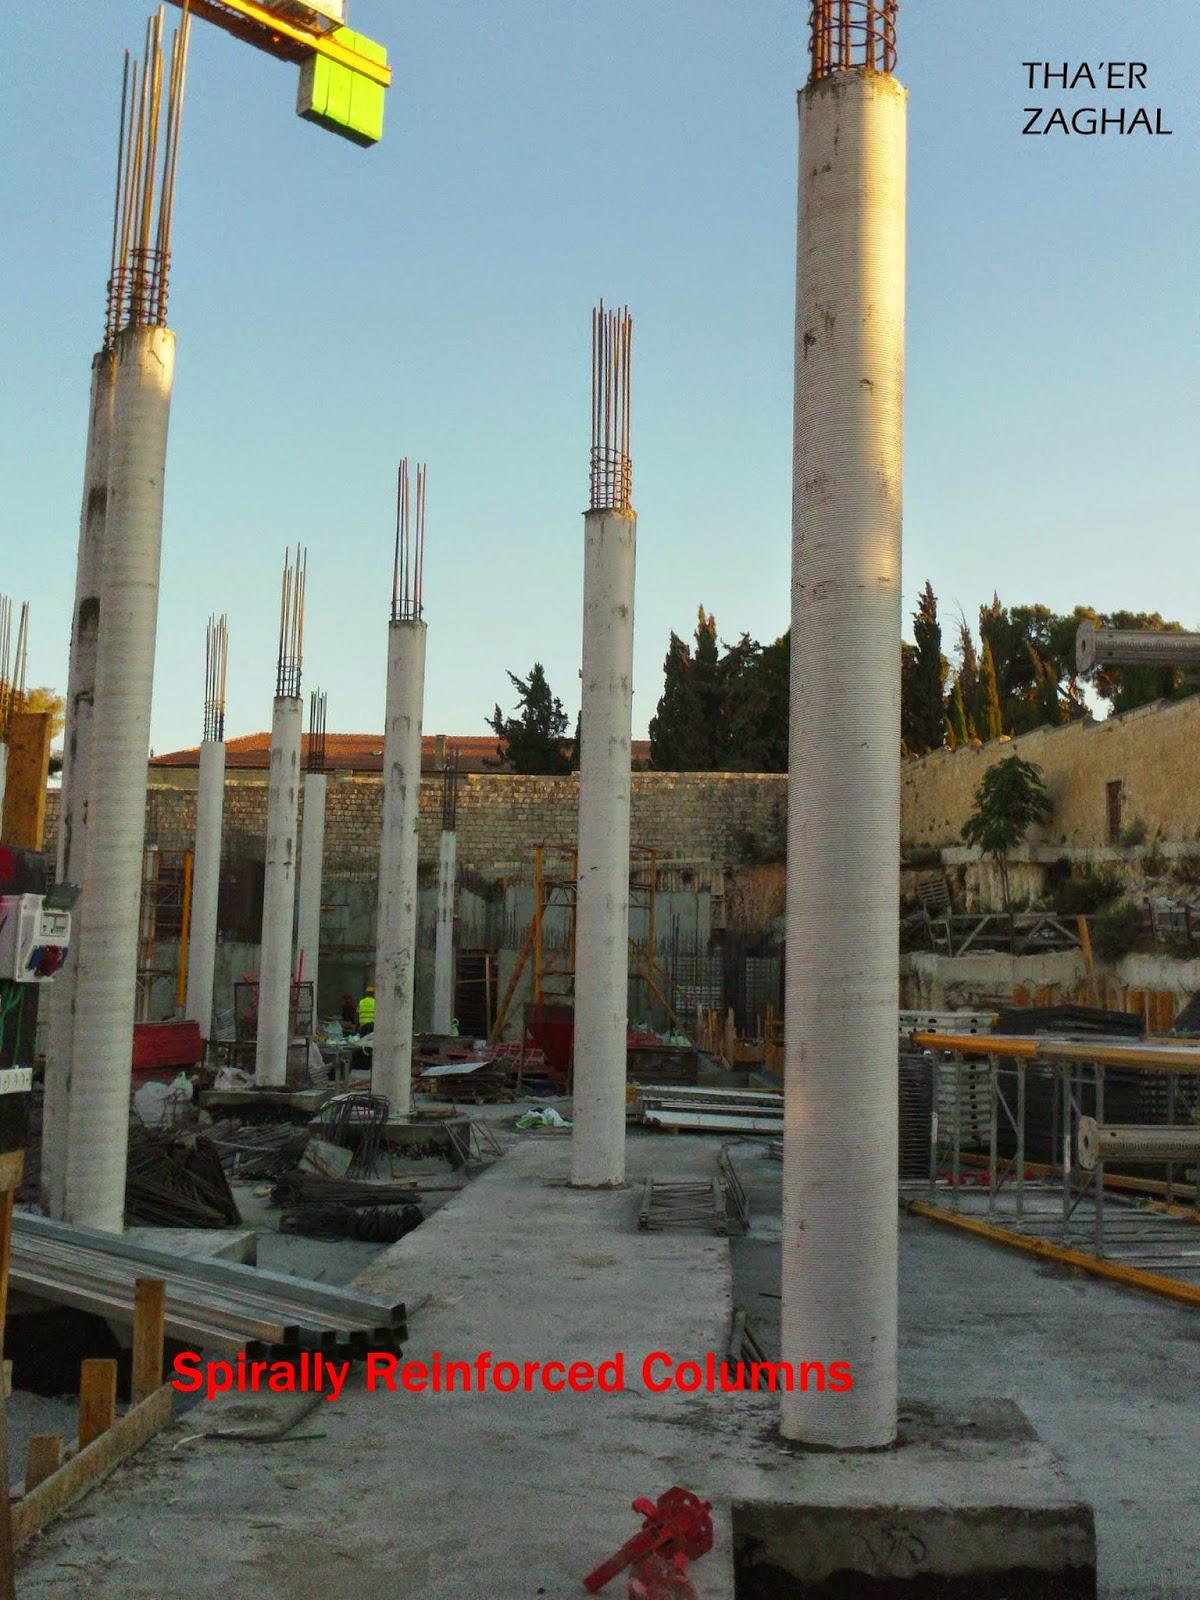 spirally reinforced columns